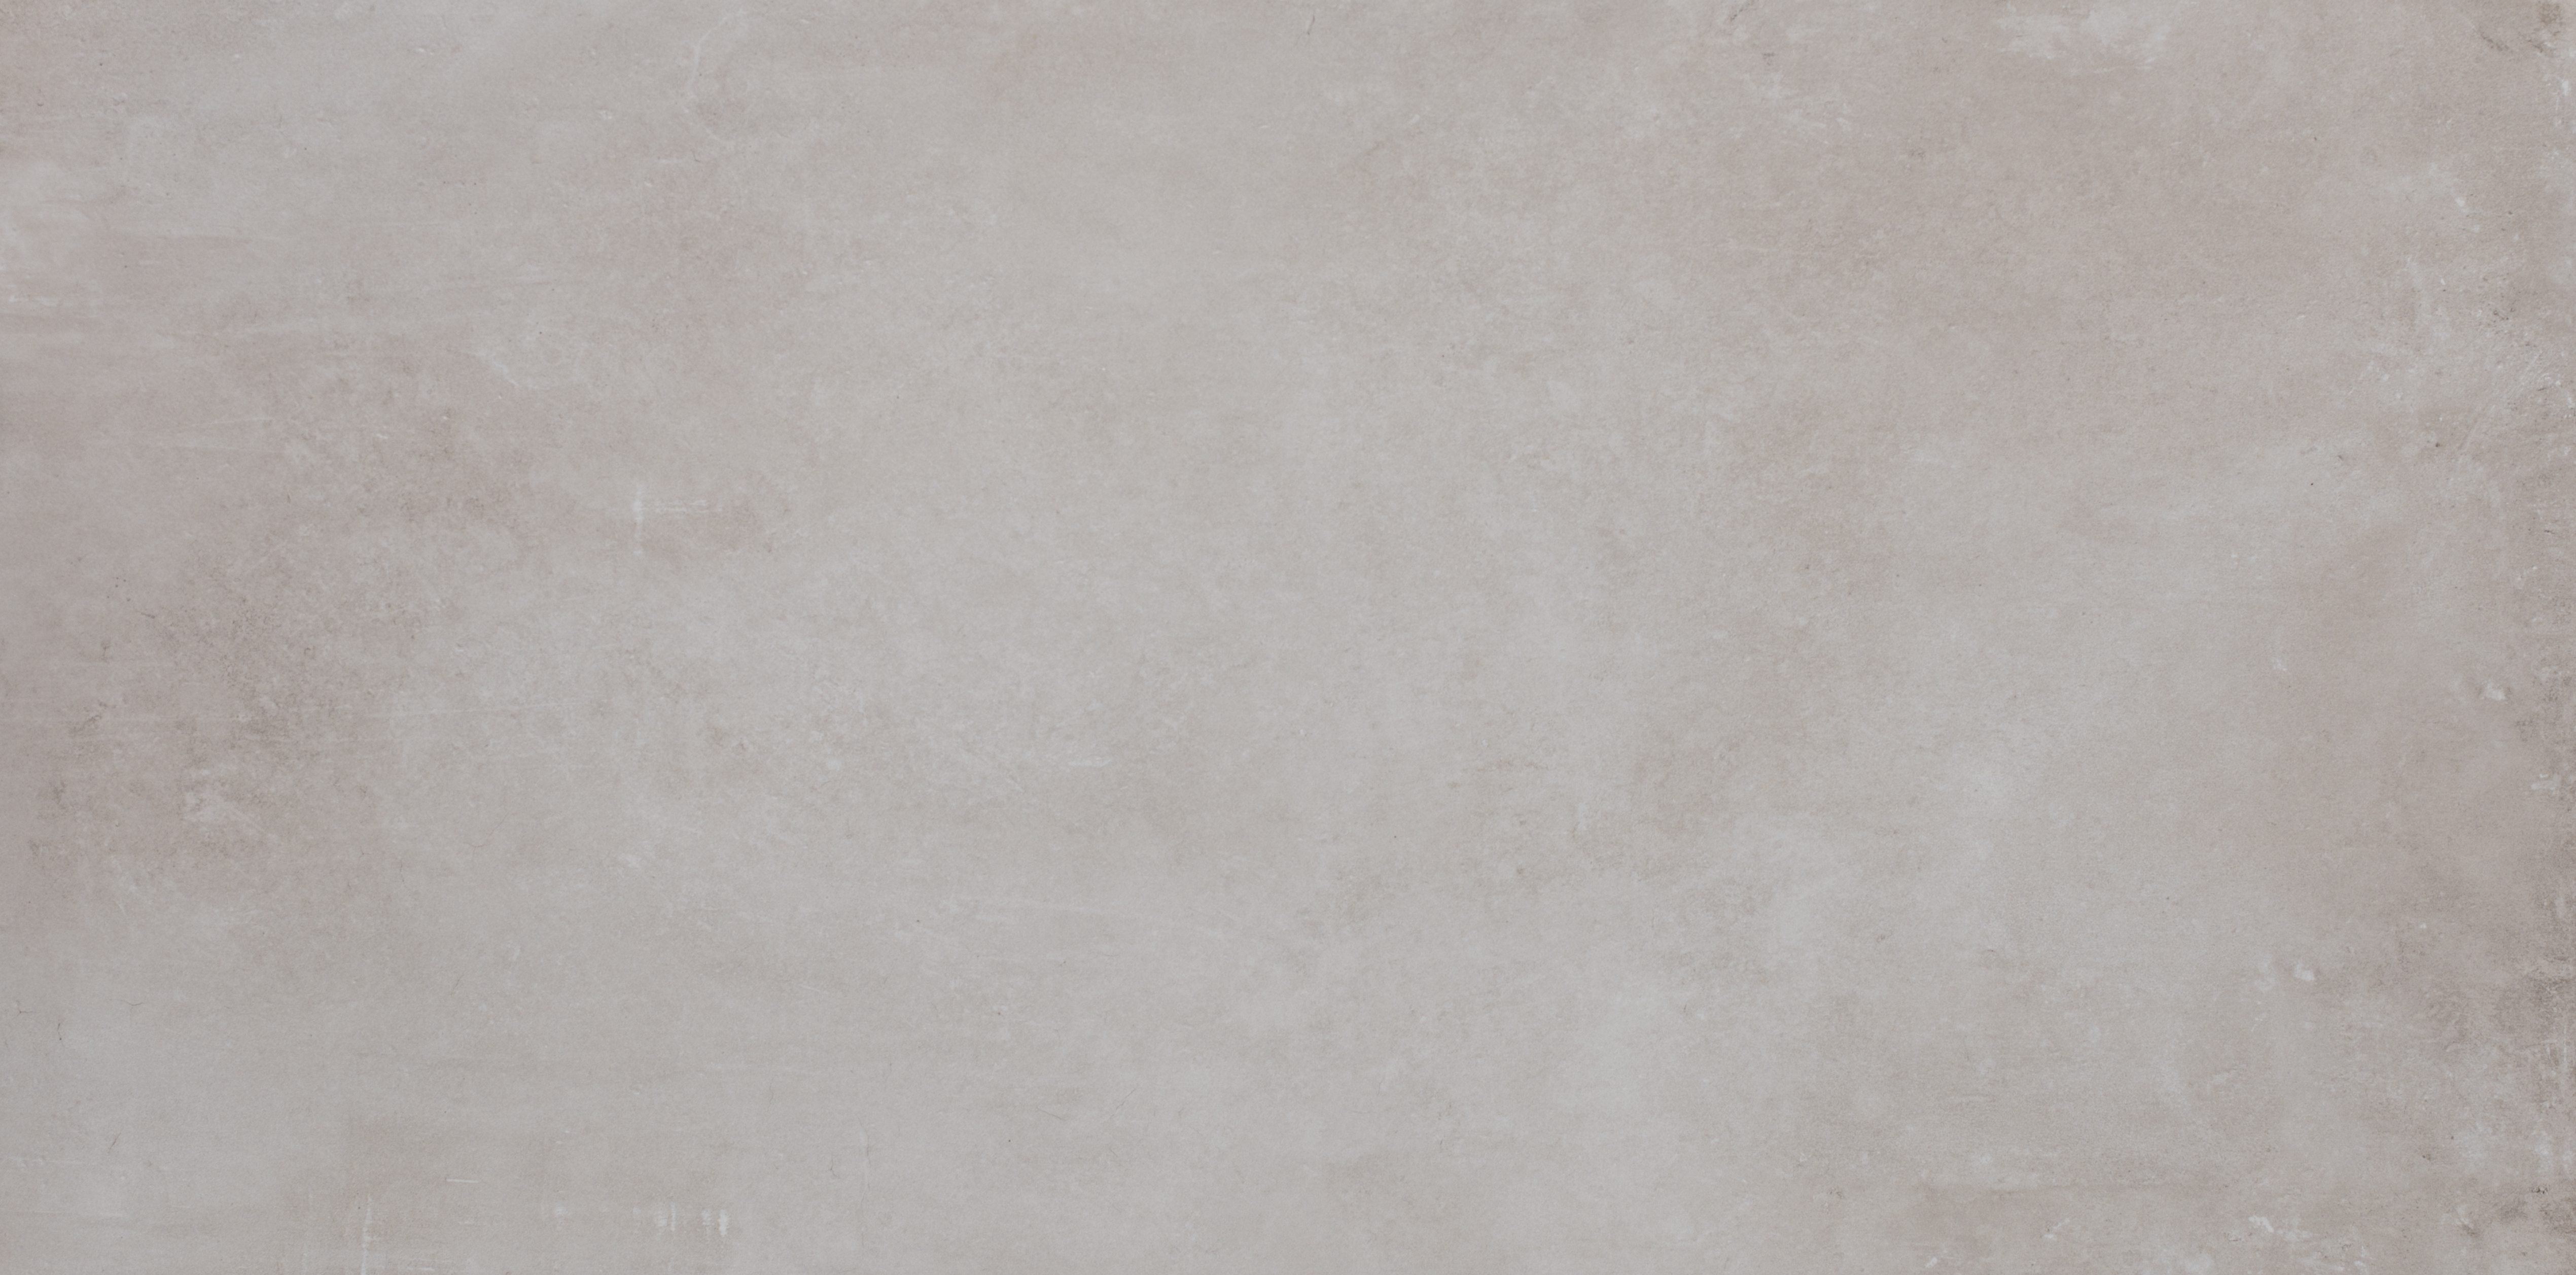 Bodenfliese Titan Beige Matt 60x120cm Feinsteinzeug - Bodenfliesen ... Bodenfliese Beige Matt